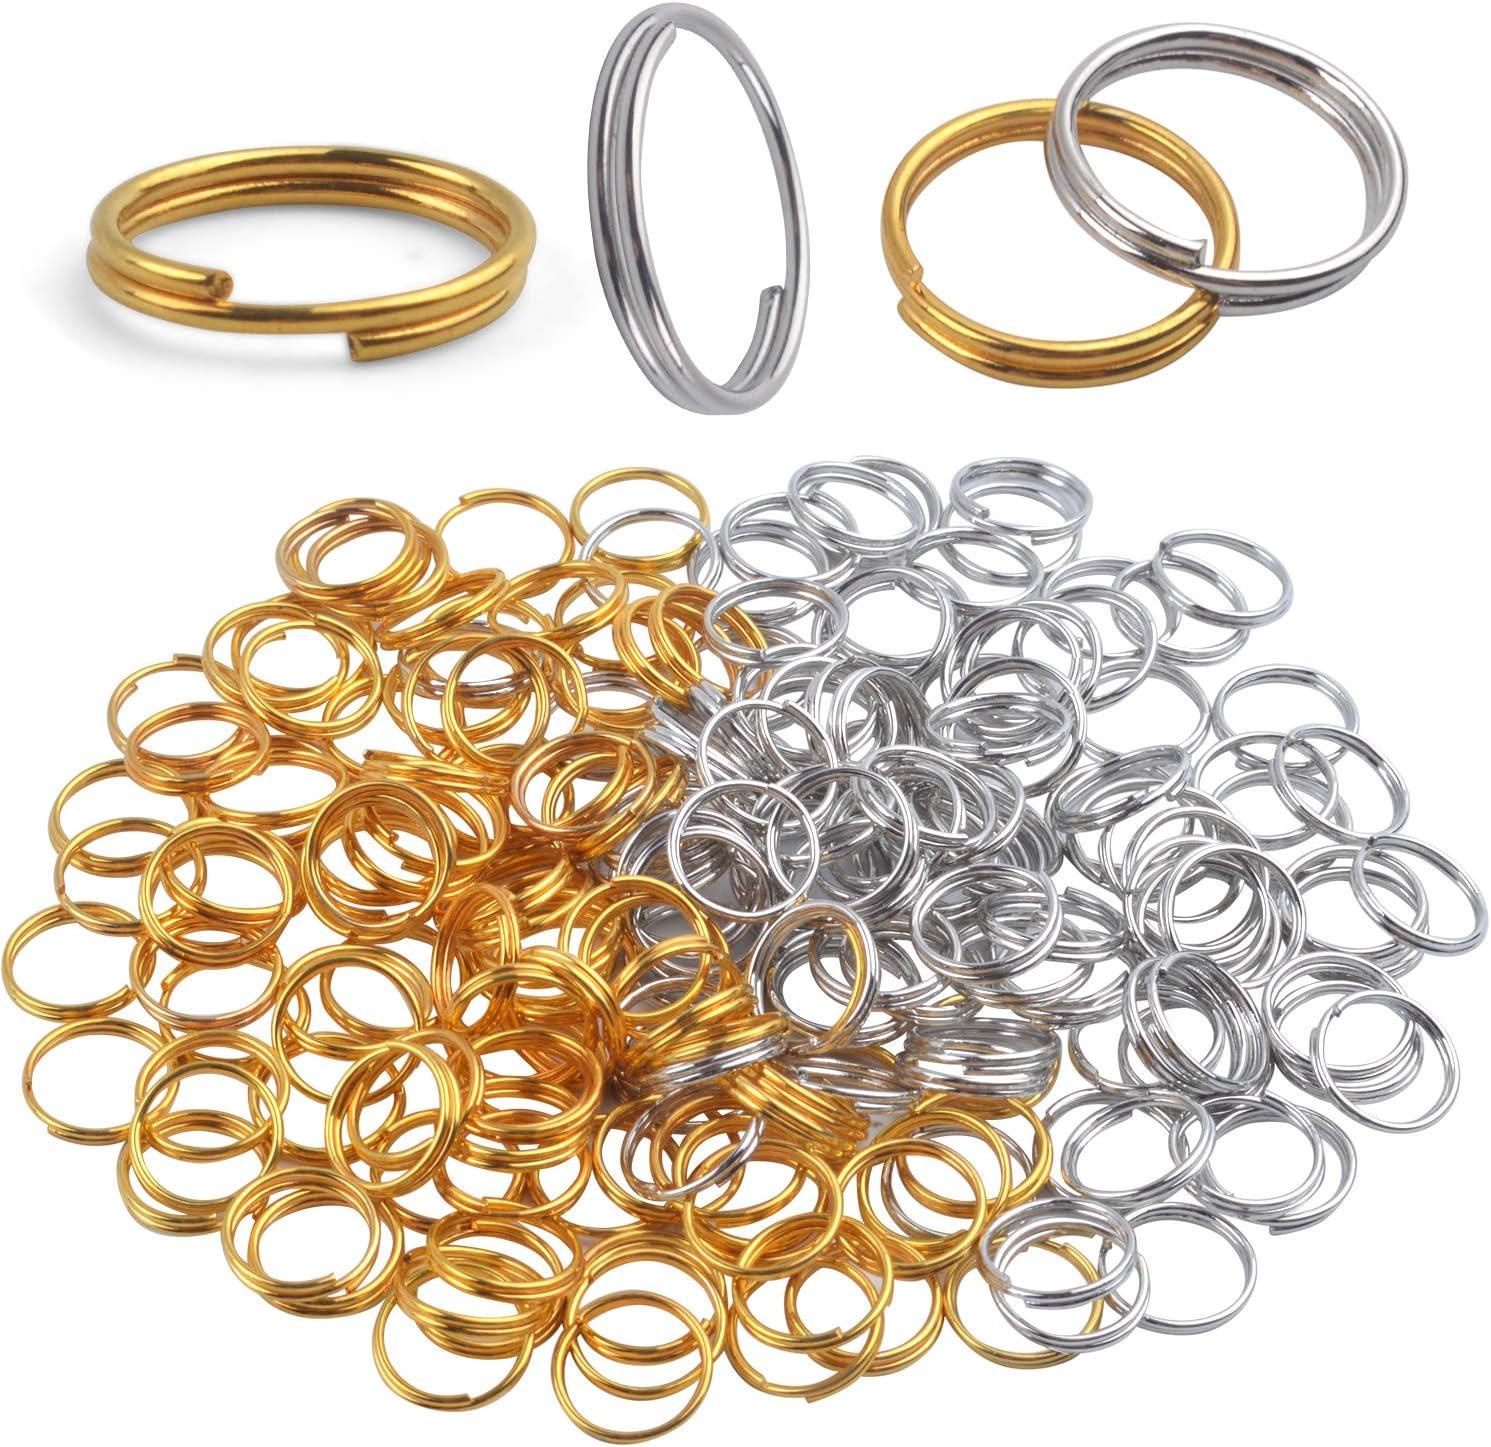 Key Rings,Silver Key Rings,Craft Rings